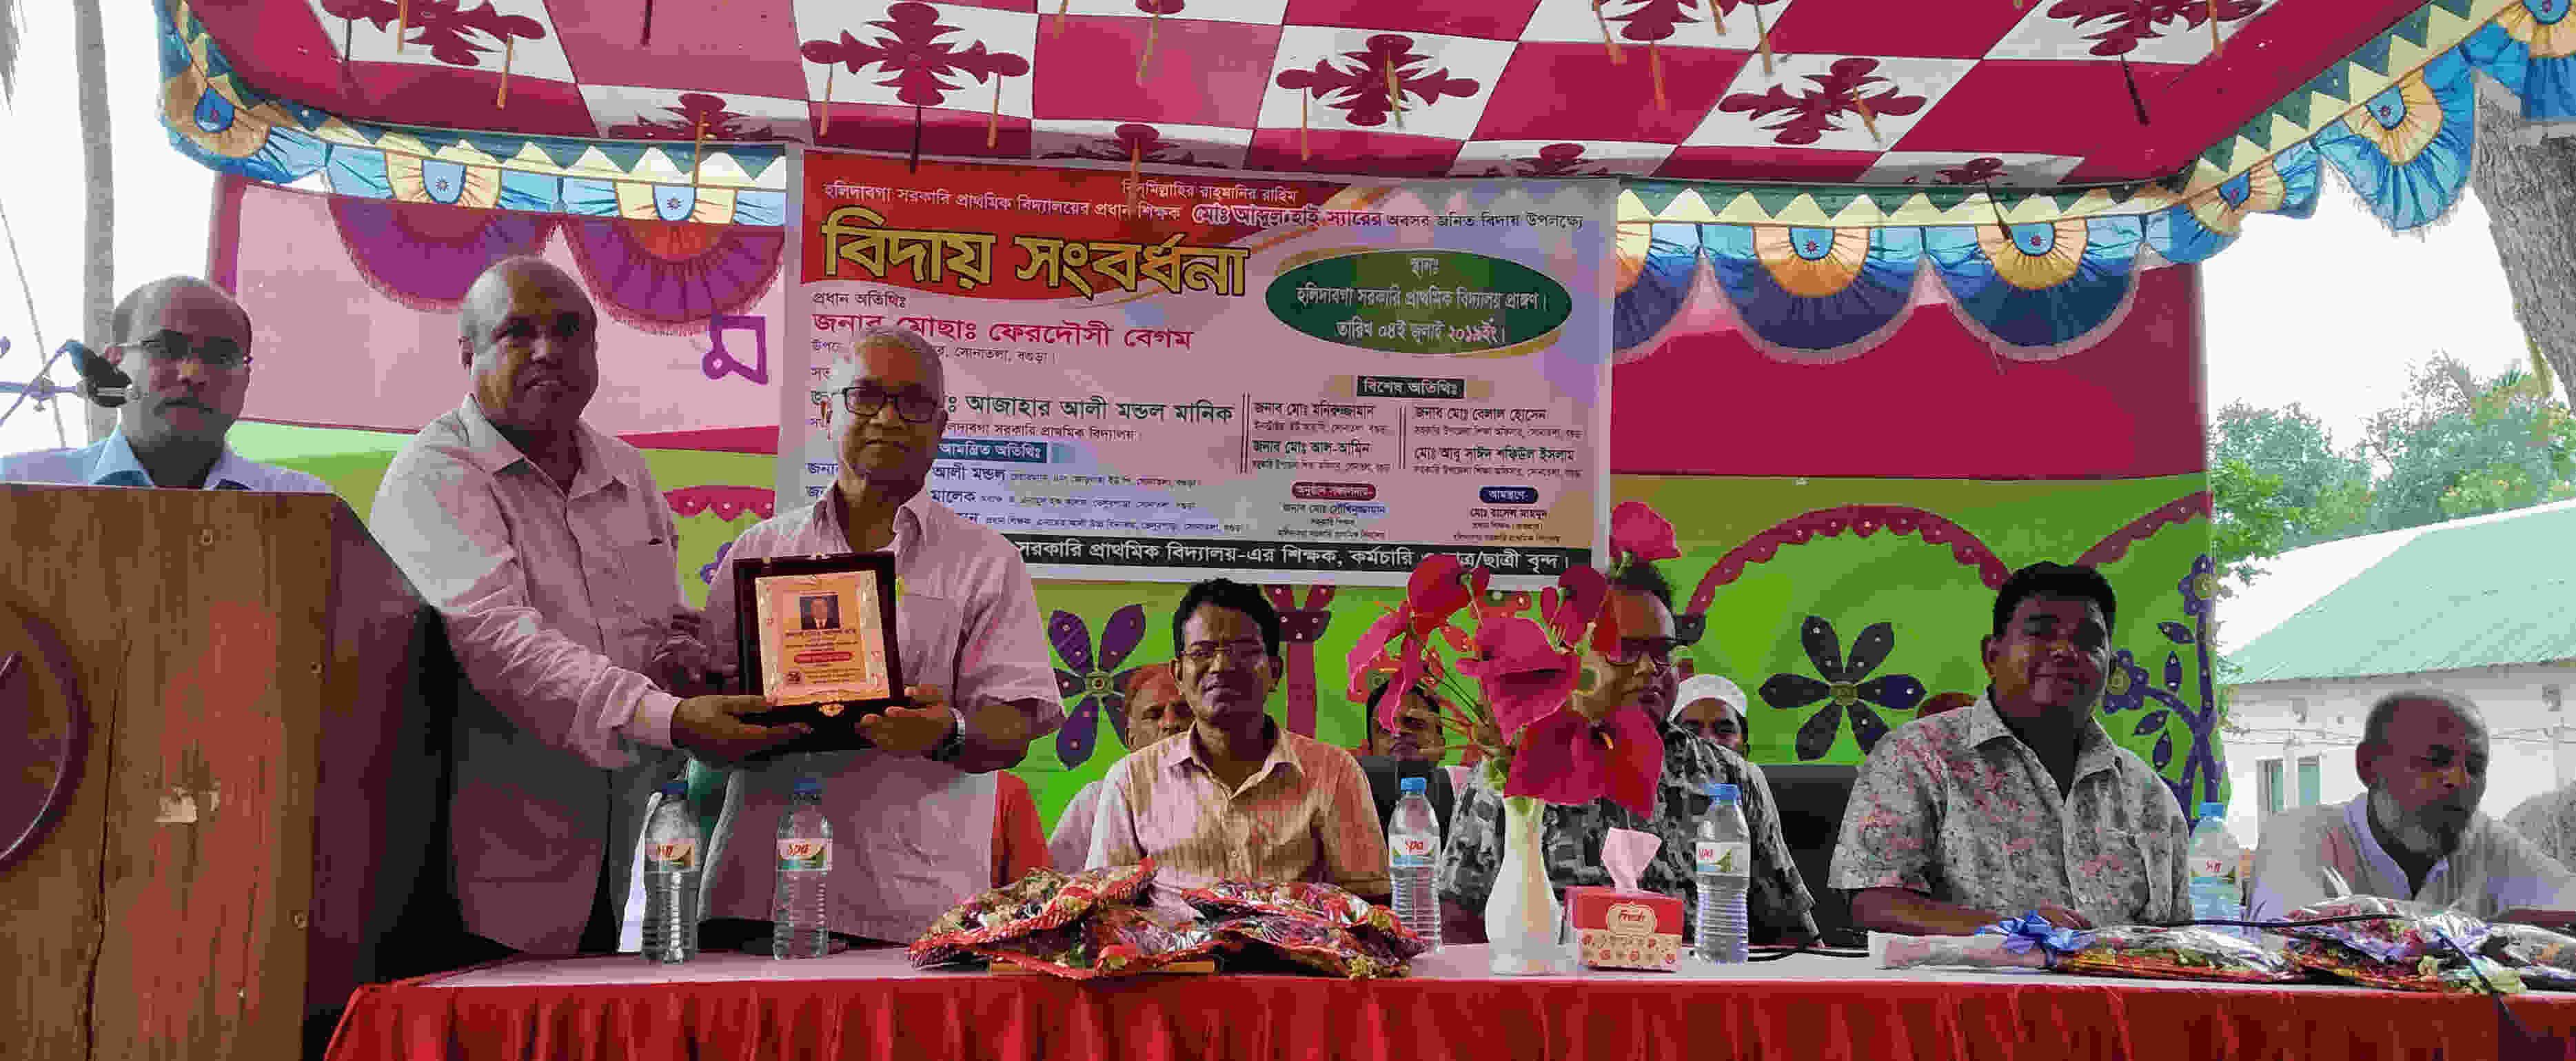 সোনাতলায় হলিদাবগা সরকারী প্রাথমিক বিদ্যালয়ের প্রধান শিক্ষকের বিদায় সংবর্ধনা